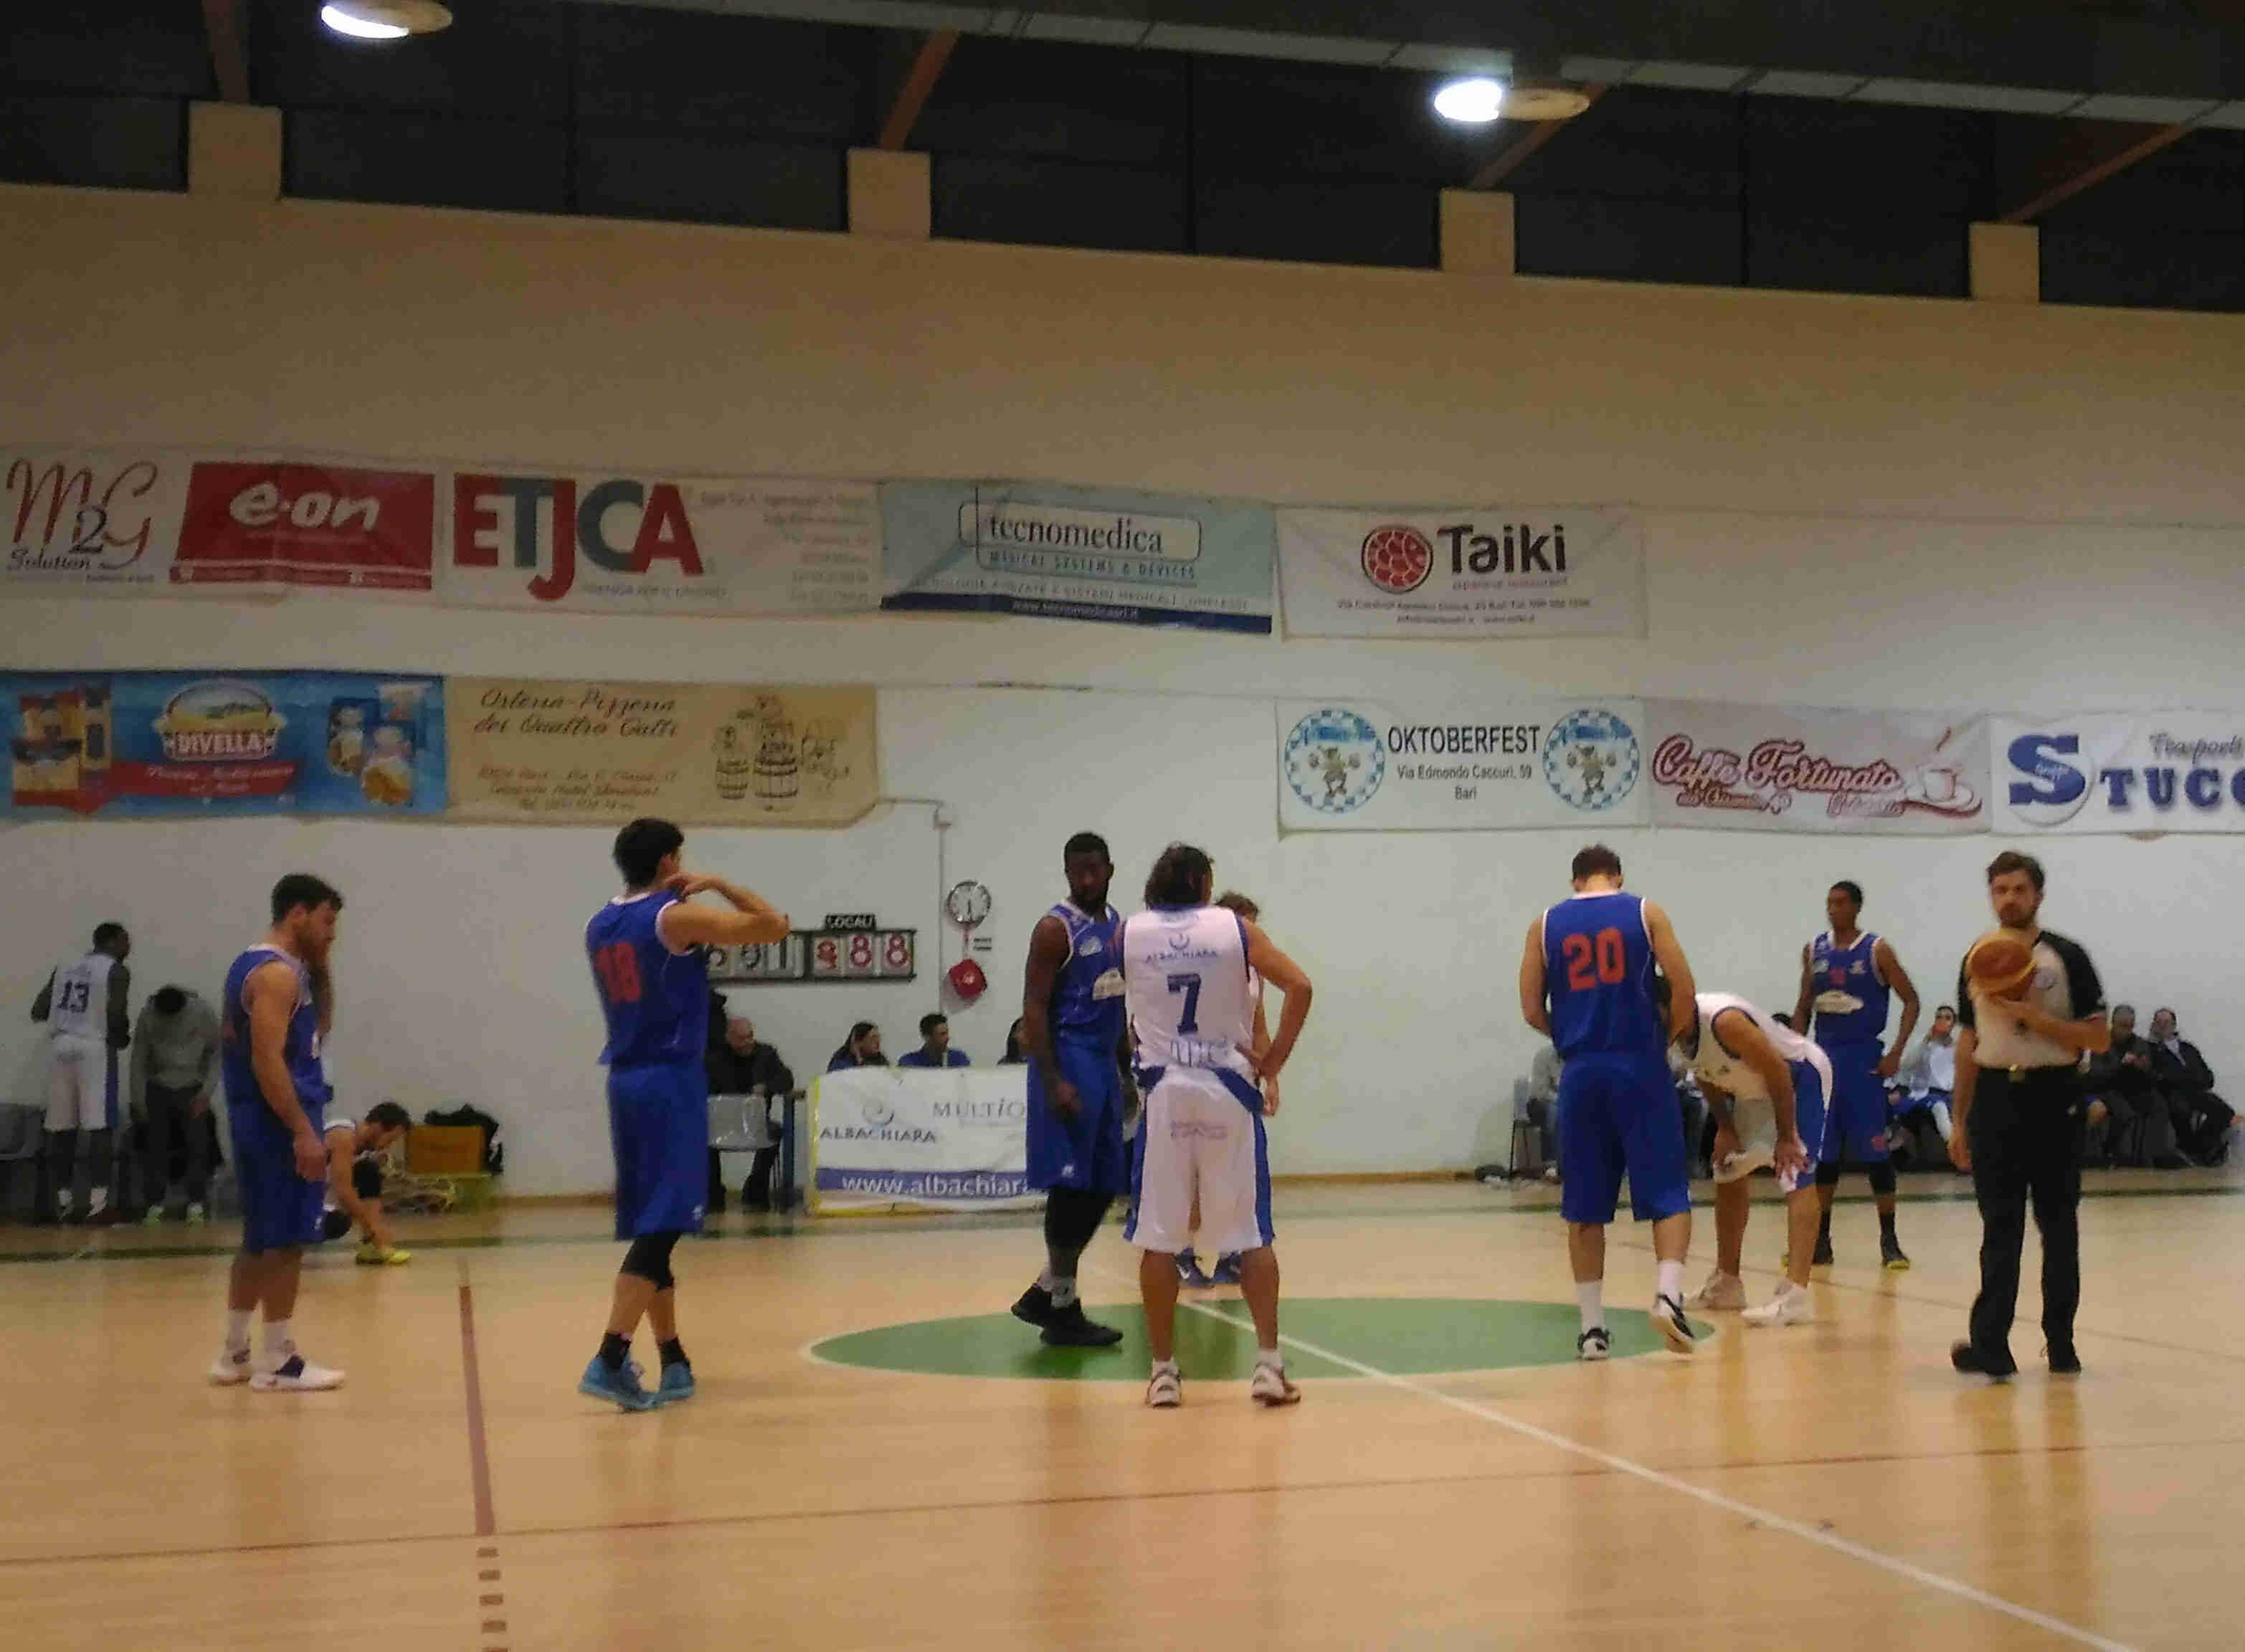 Serie C Silver Puglia 2016-17: finalmente la vittoria per il Valle D'itria Bk Martina che espugna il campo della Pallacanestro Adria Bari